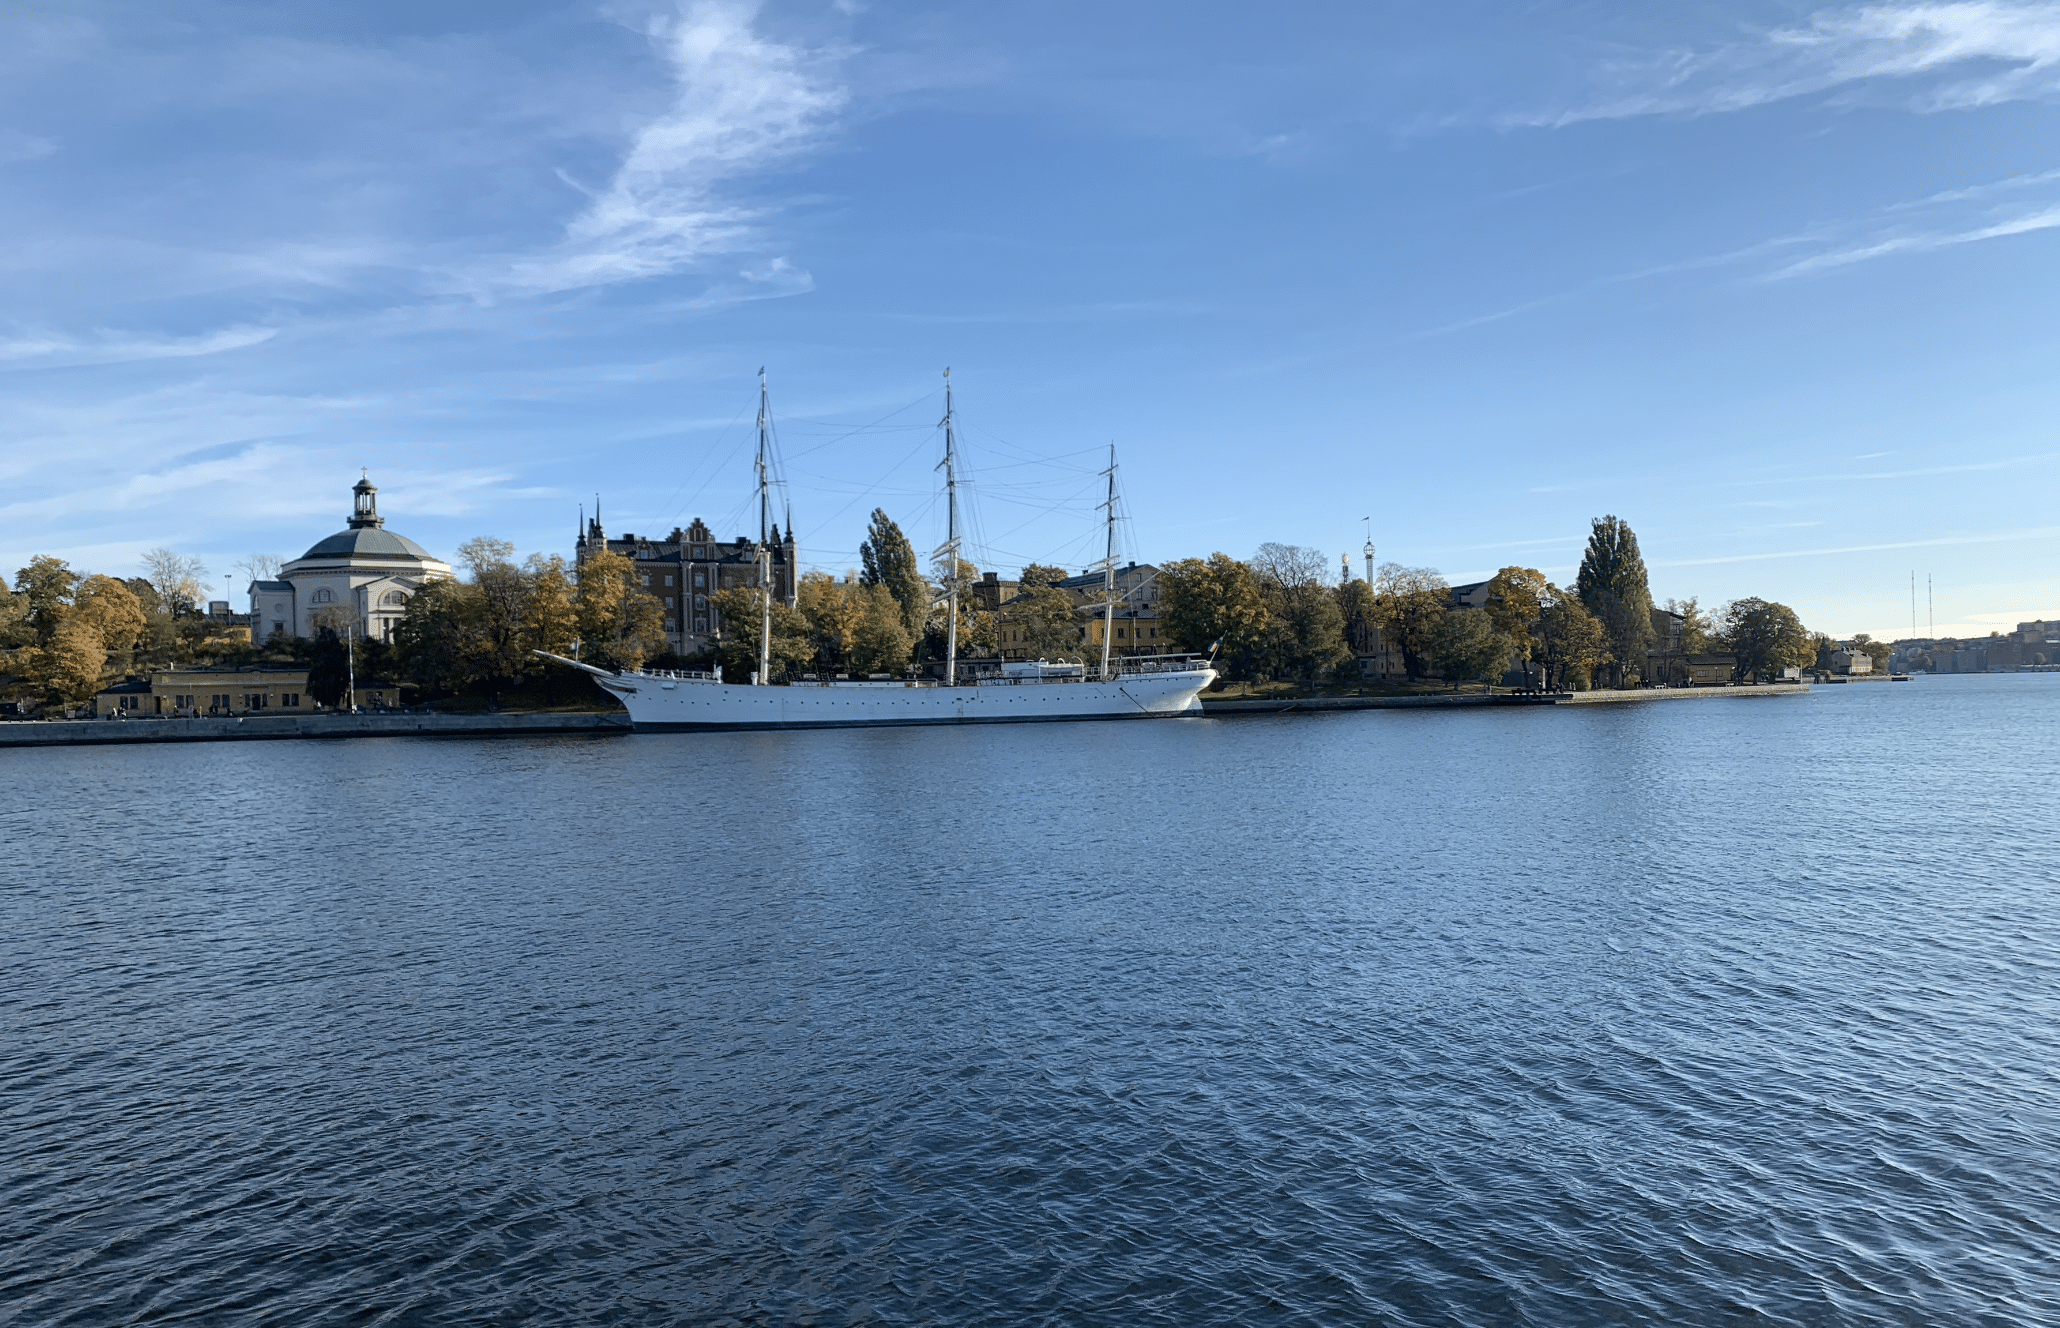 vue sur le bateau af chapman